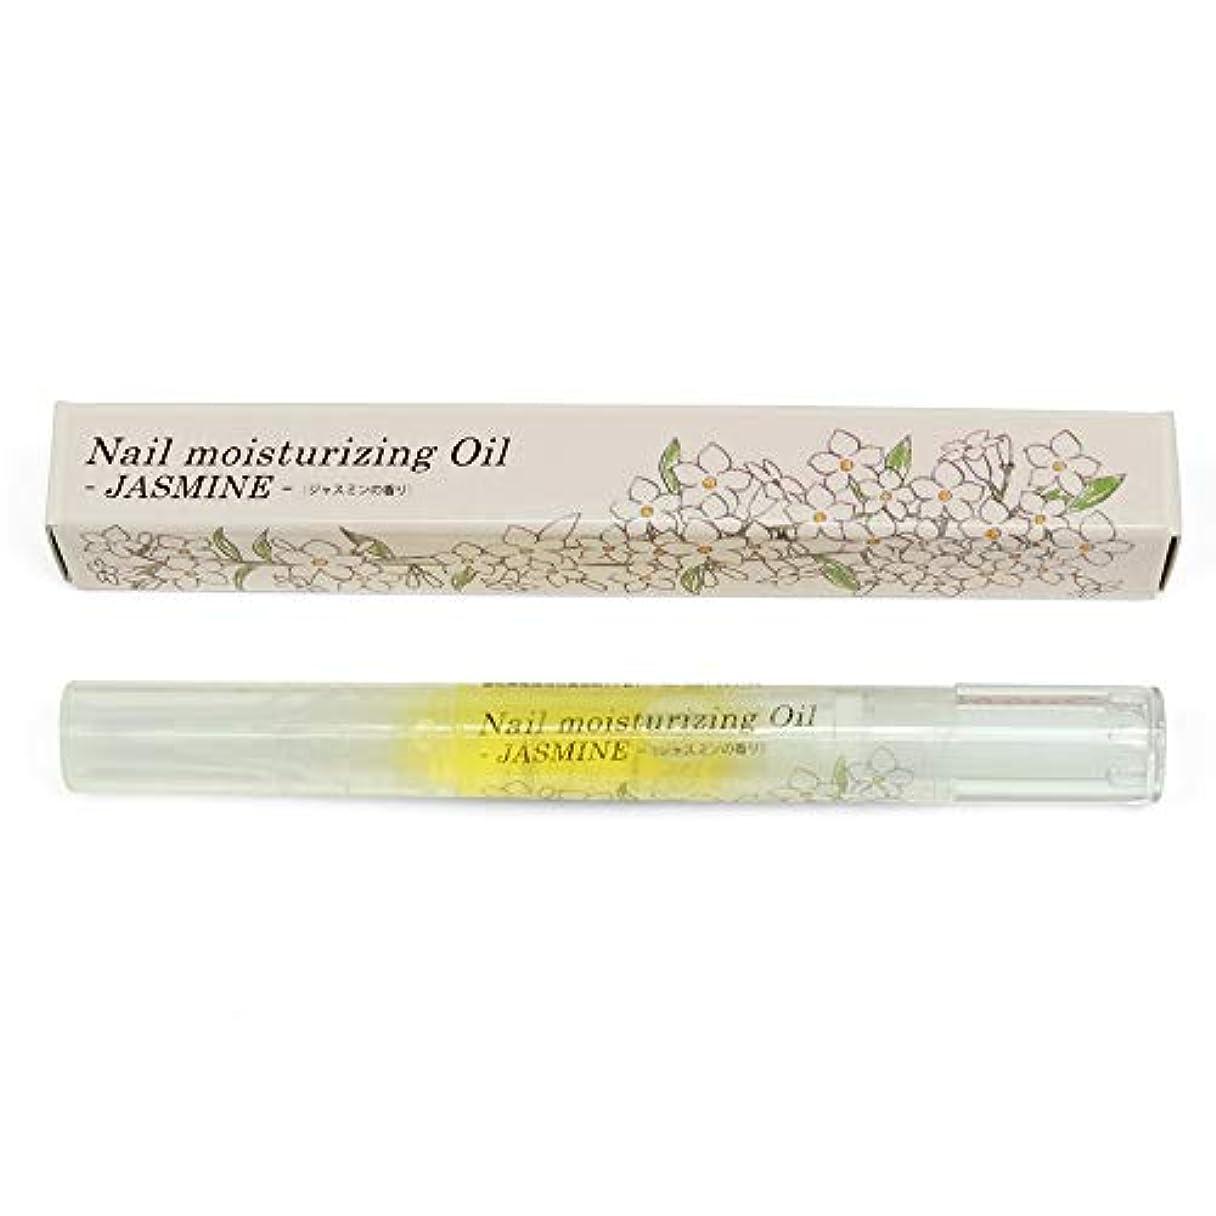 特異なデコードするバンカーease Nail moisturizing Oil ネイルオイルペン(ジャスミンの香り) 2ml